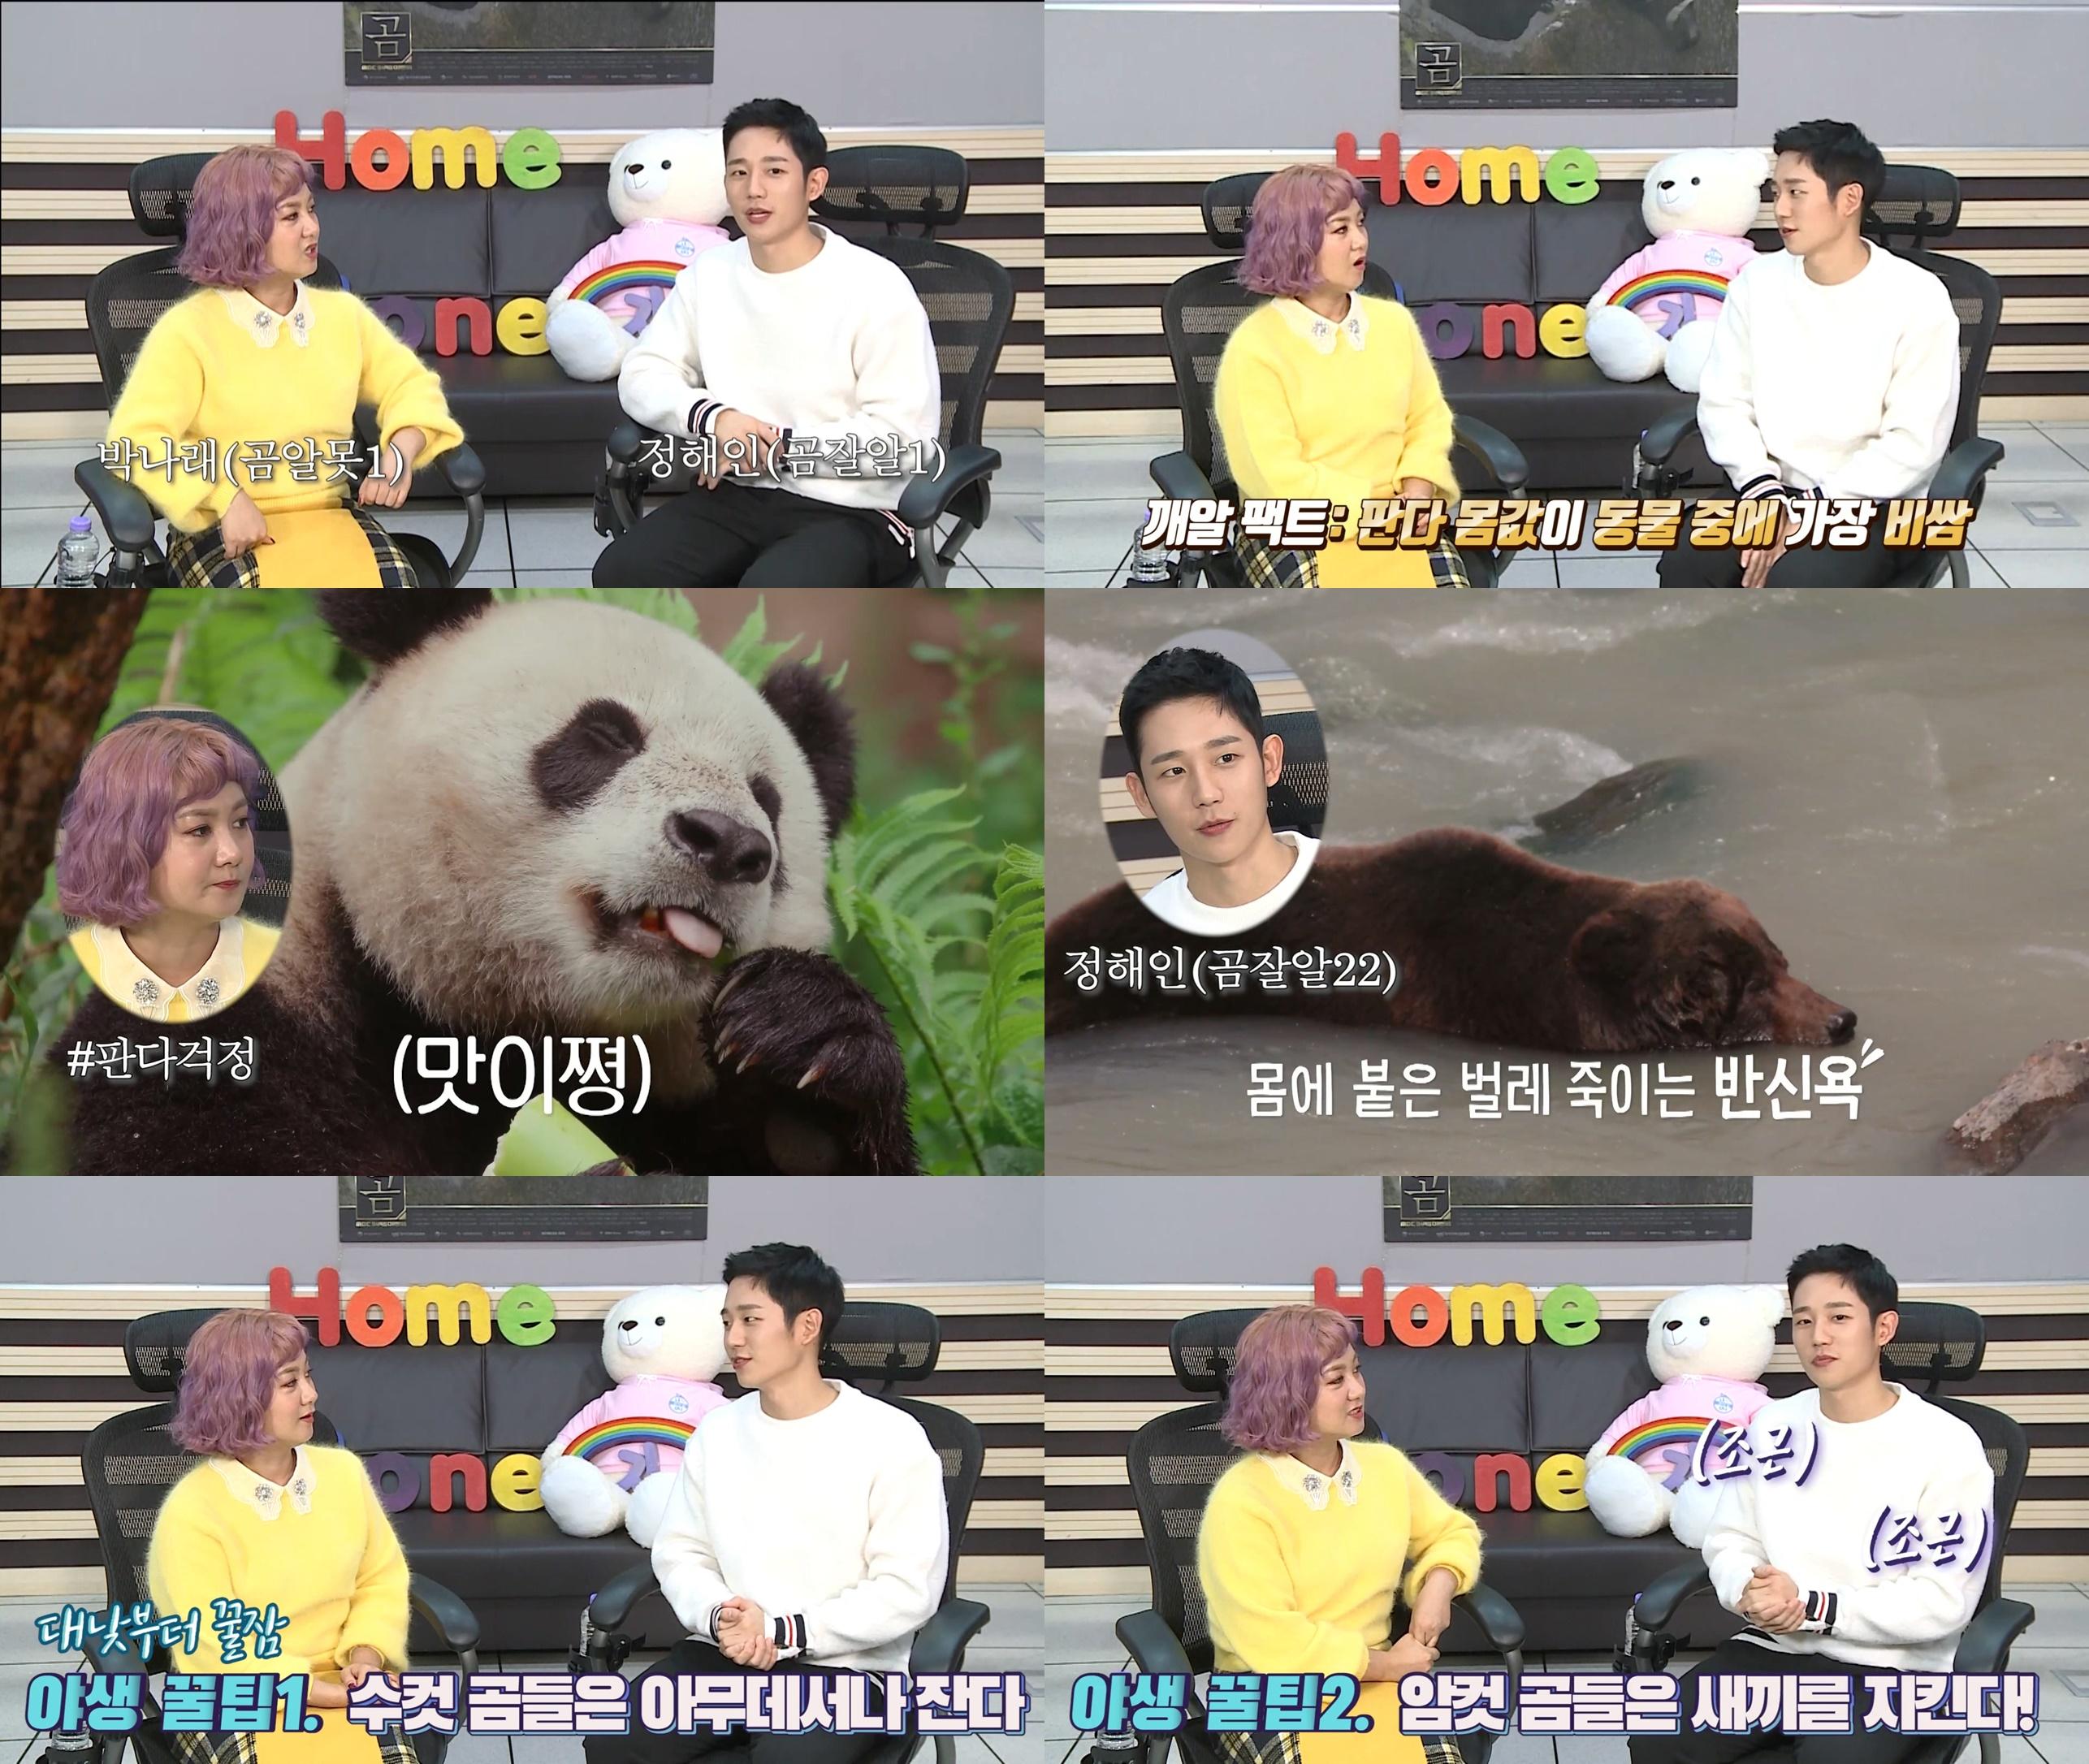 다큐멘터리 '곰', 정해인-박나래의 '곰 혼자 산다' 영상 공개! 본편 기대감UP